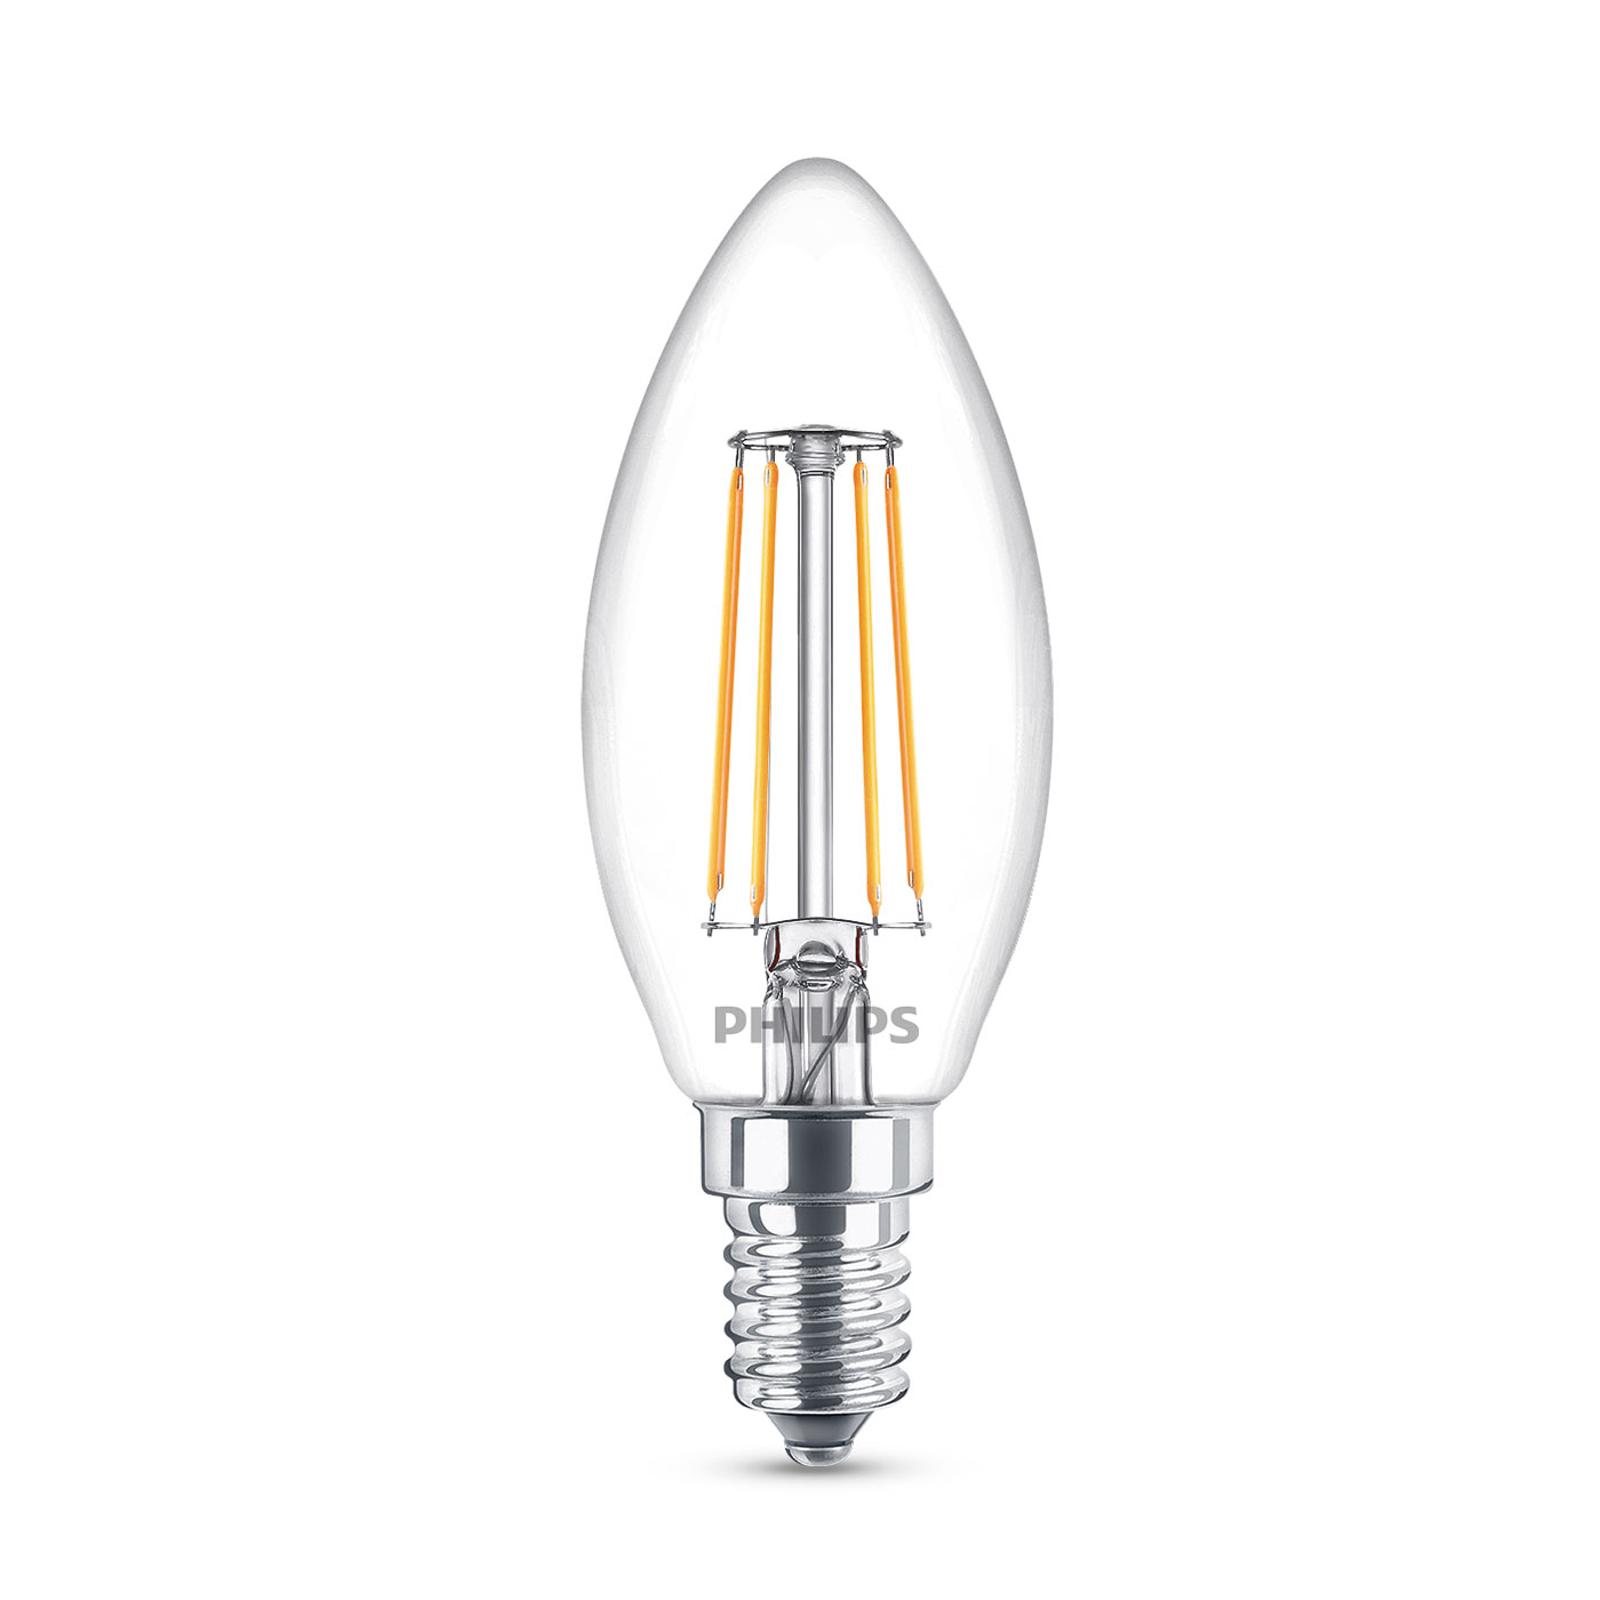 Philips Classic LED-Lampe E14 B35 4,3W klar 4.000K